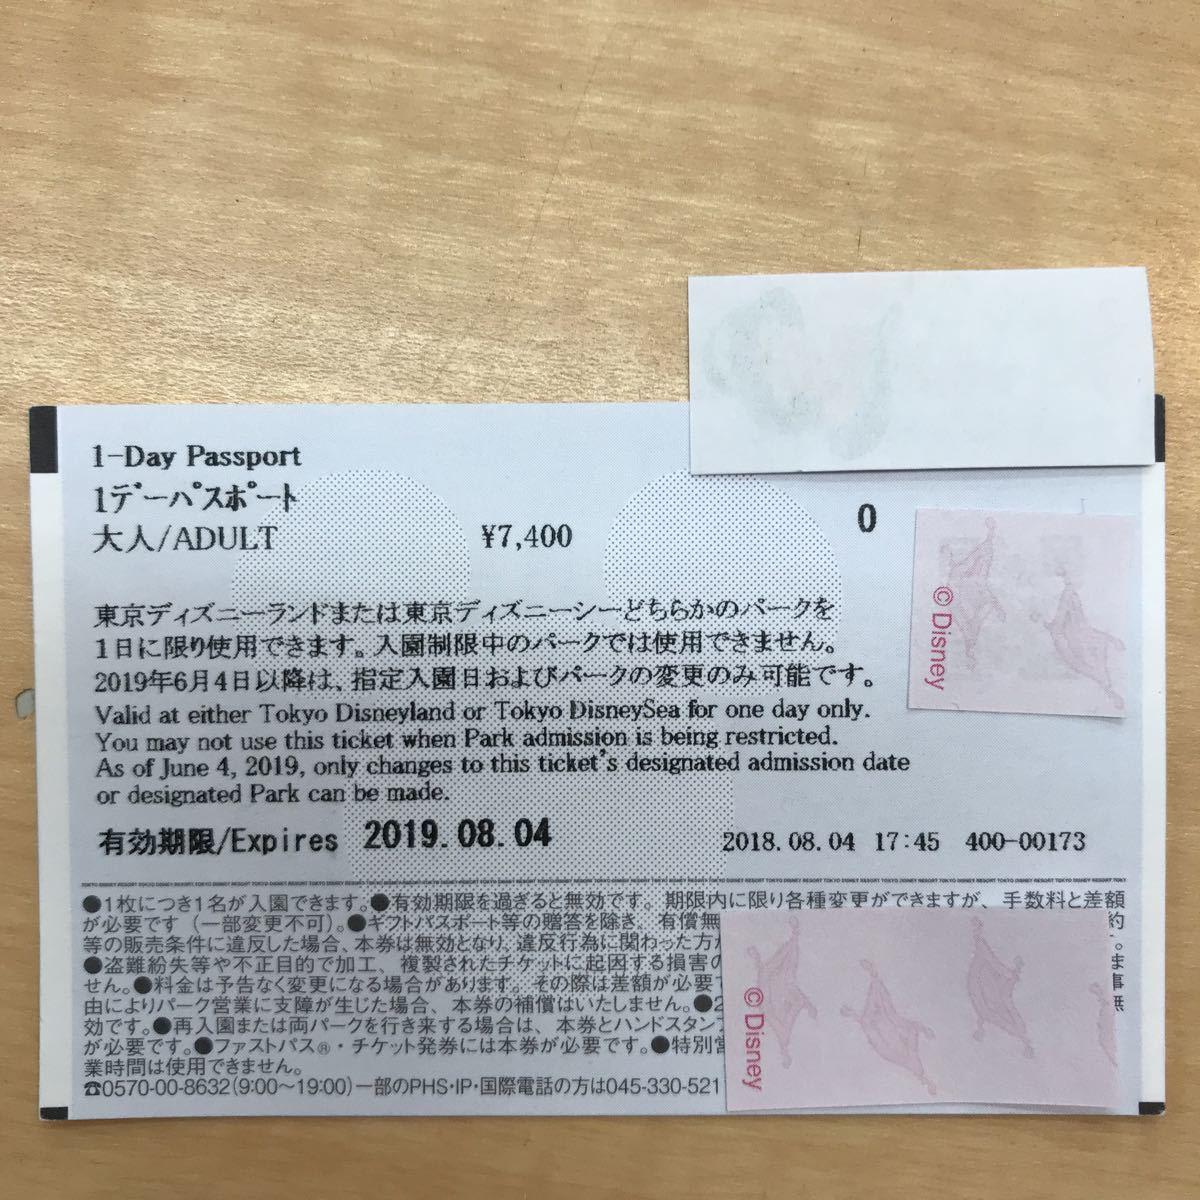 新品】東京ディズニーランドチケット の落札情報詳細| ヤフオク落札価格